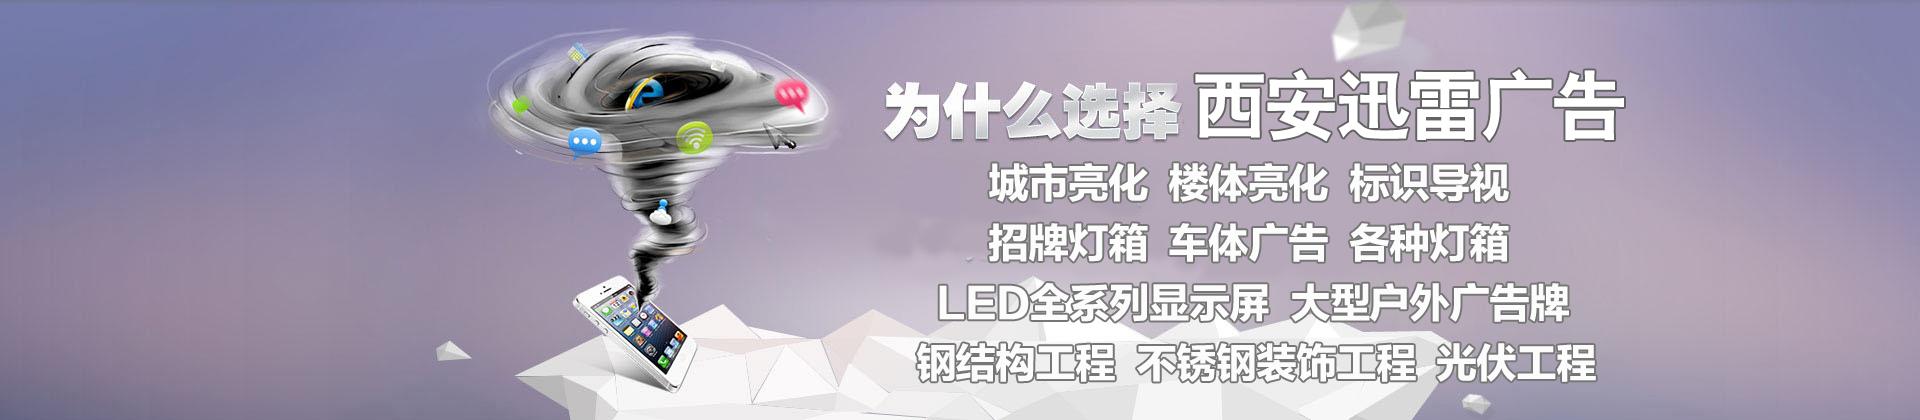 西安led全彩显示屏